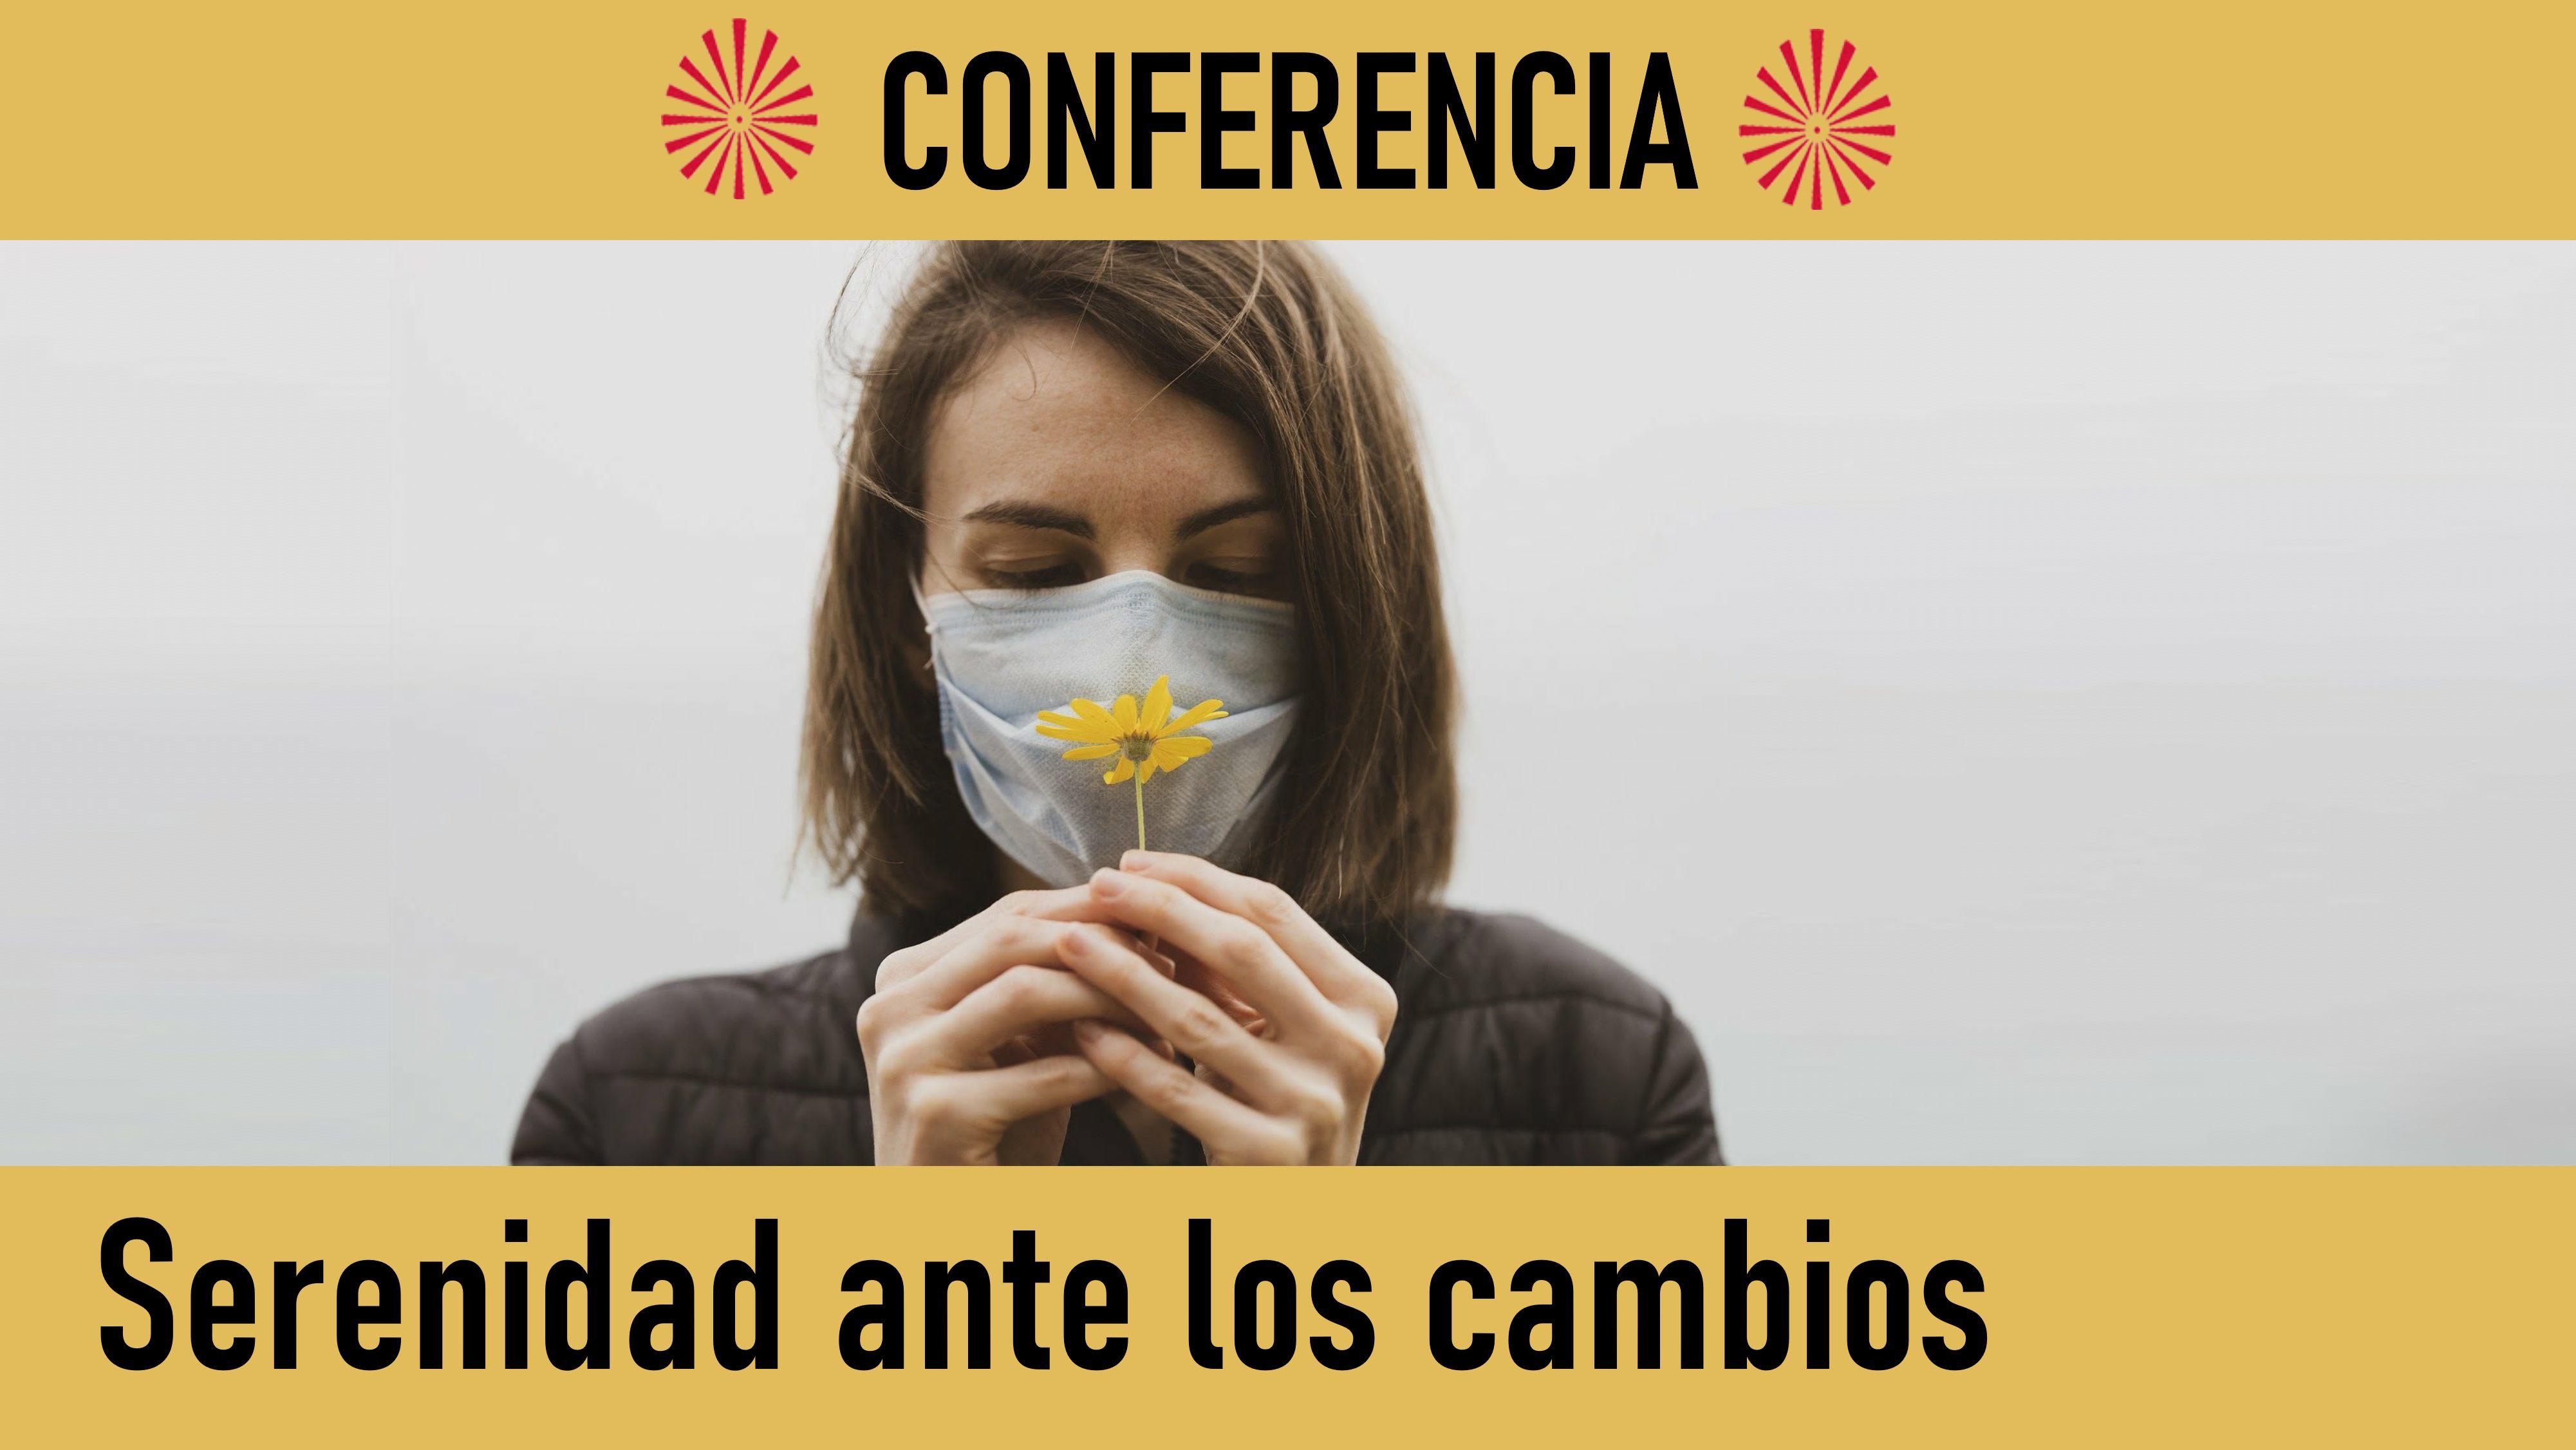 Conferencia: Serenidad ante los cambios (28 Mayo 2020) On-line desde Madrid